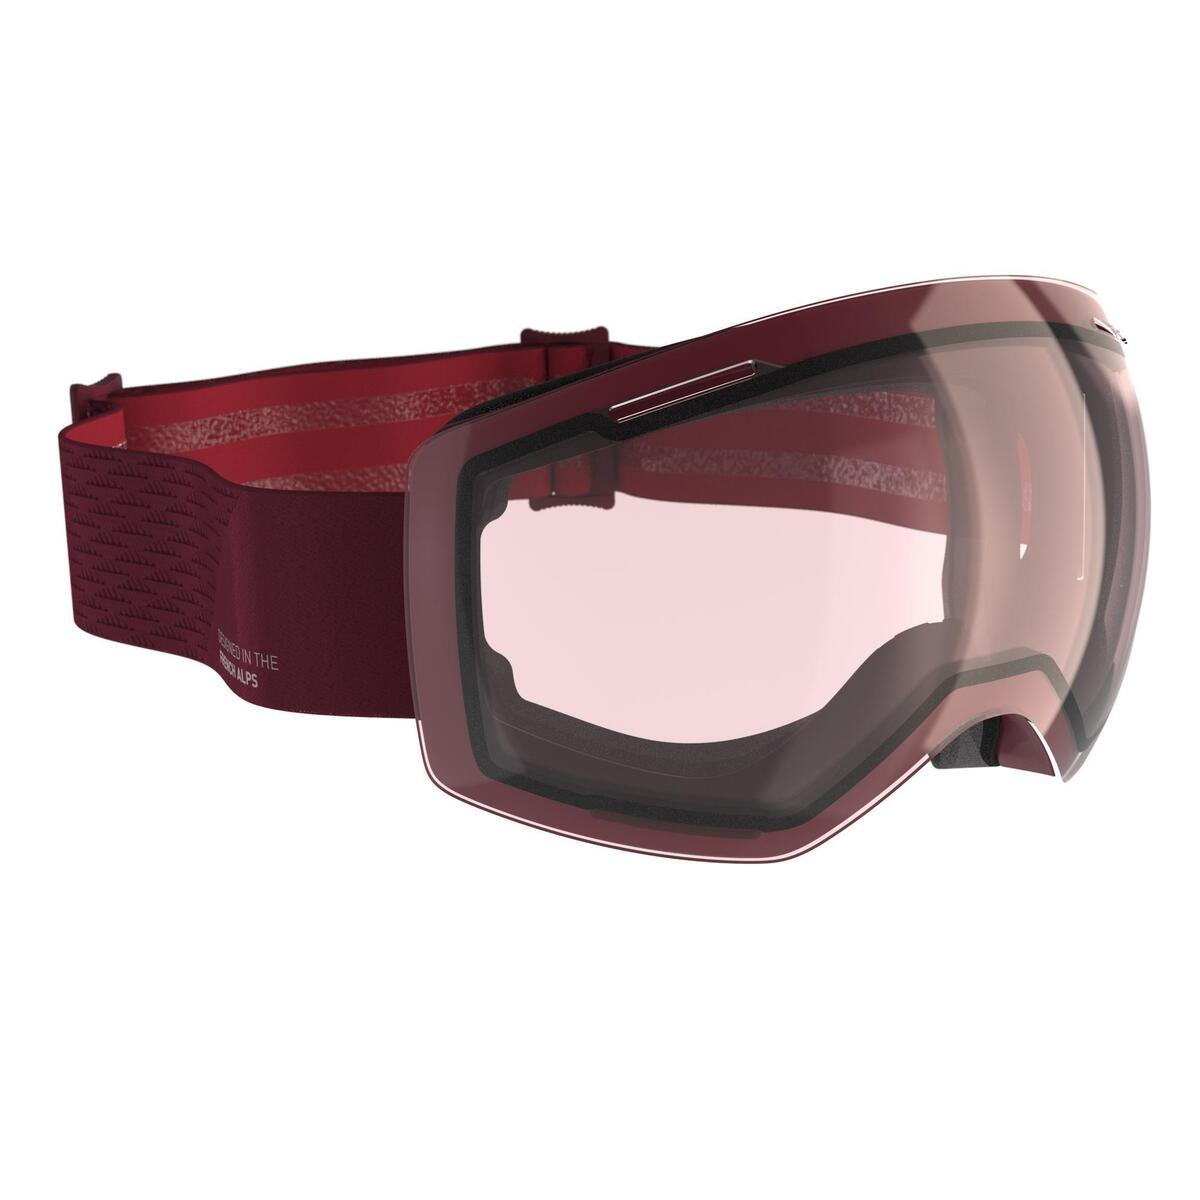 Bild 4 von Skibrille / Snowboardbrille G 520 I Erwachsene/Kinder rot